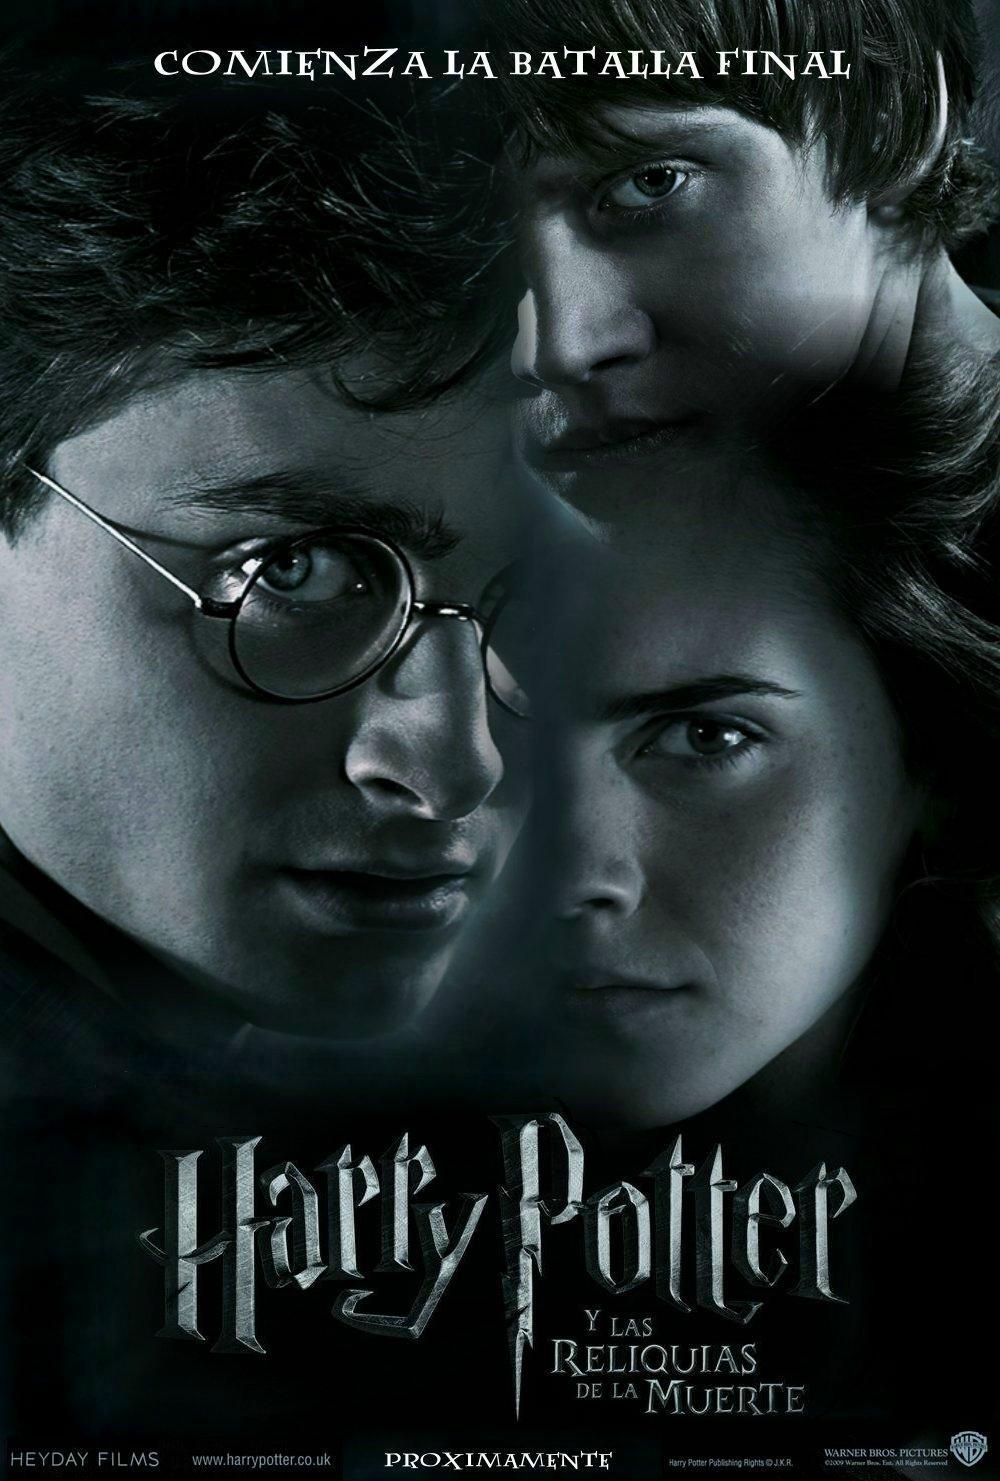 Harry-Potter-y-las-reliquias-de-la-muerte-cine-escape13